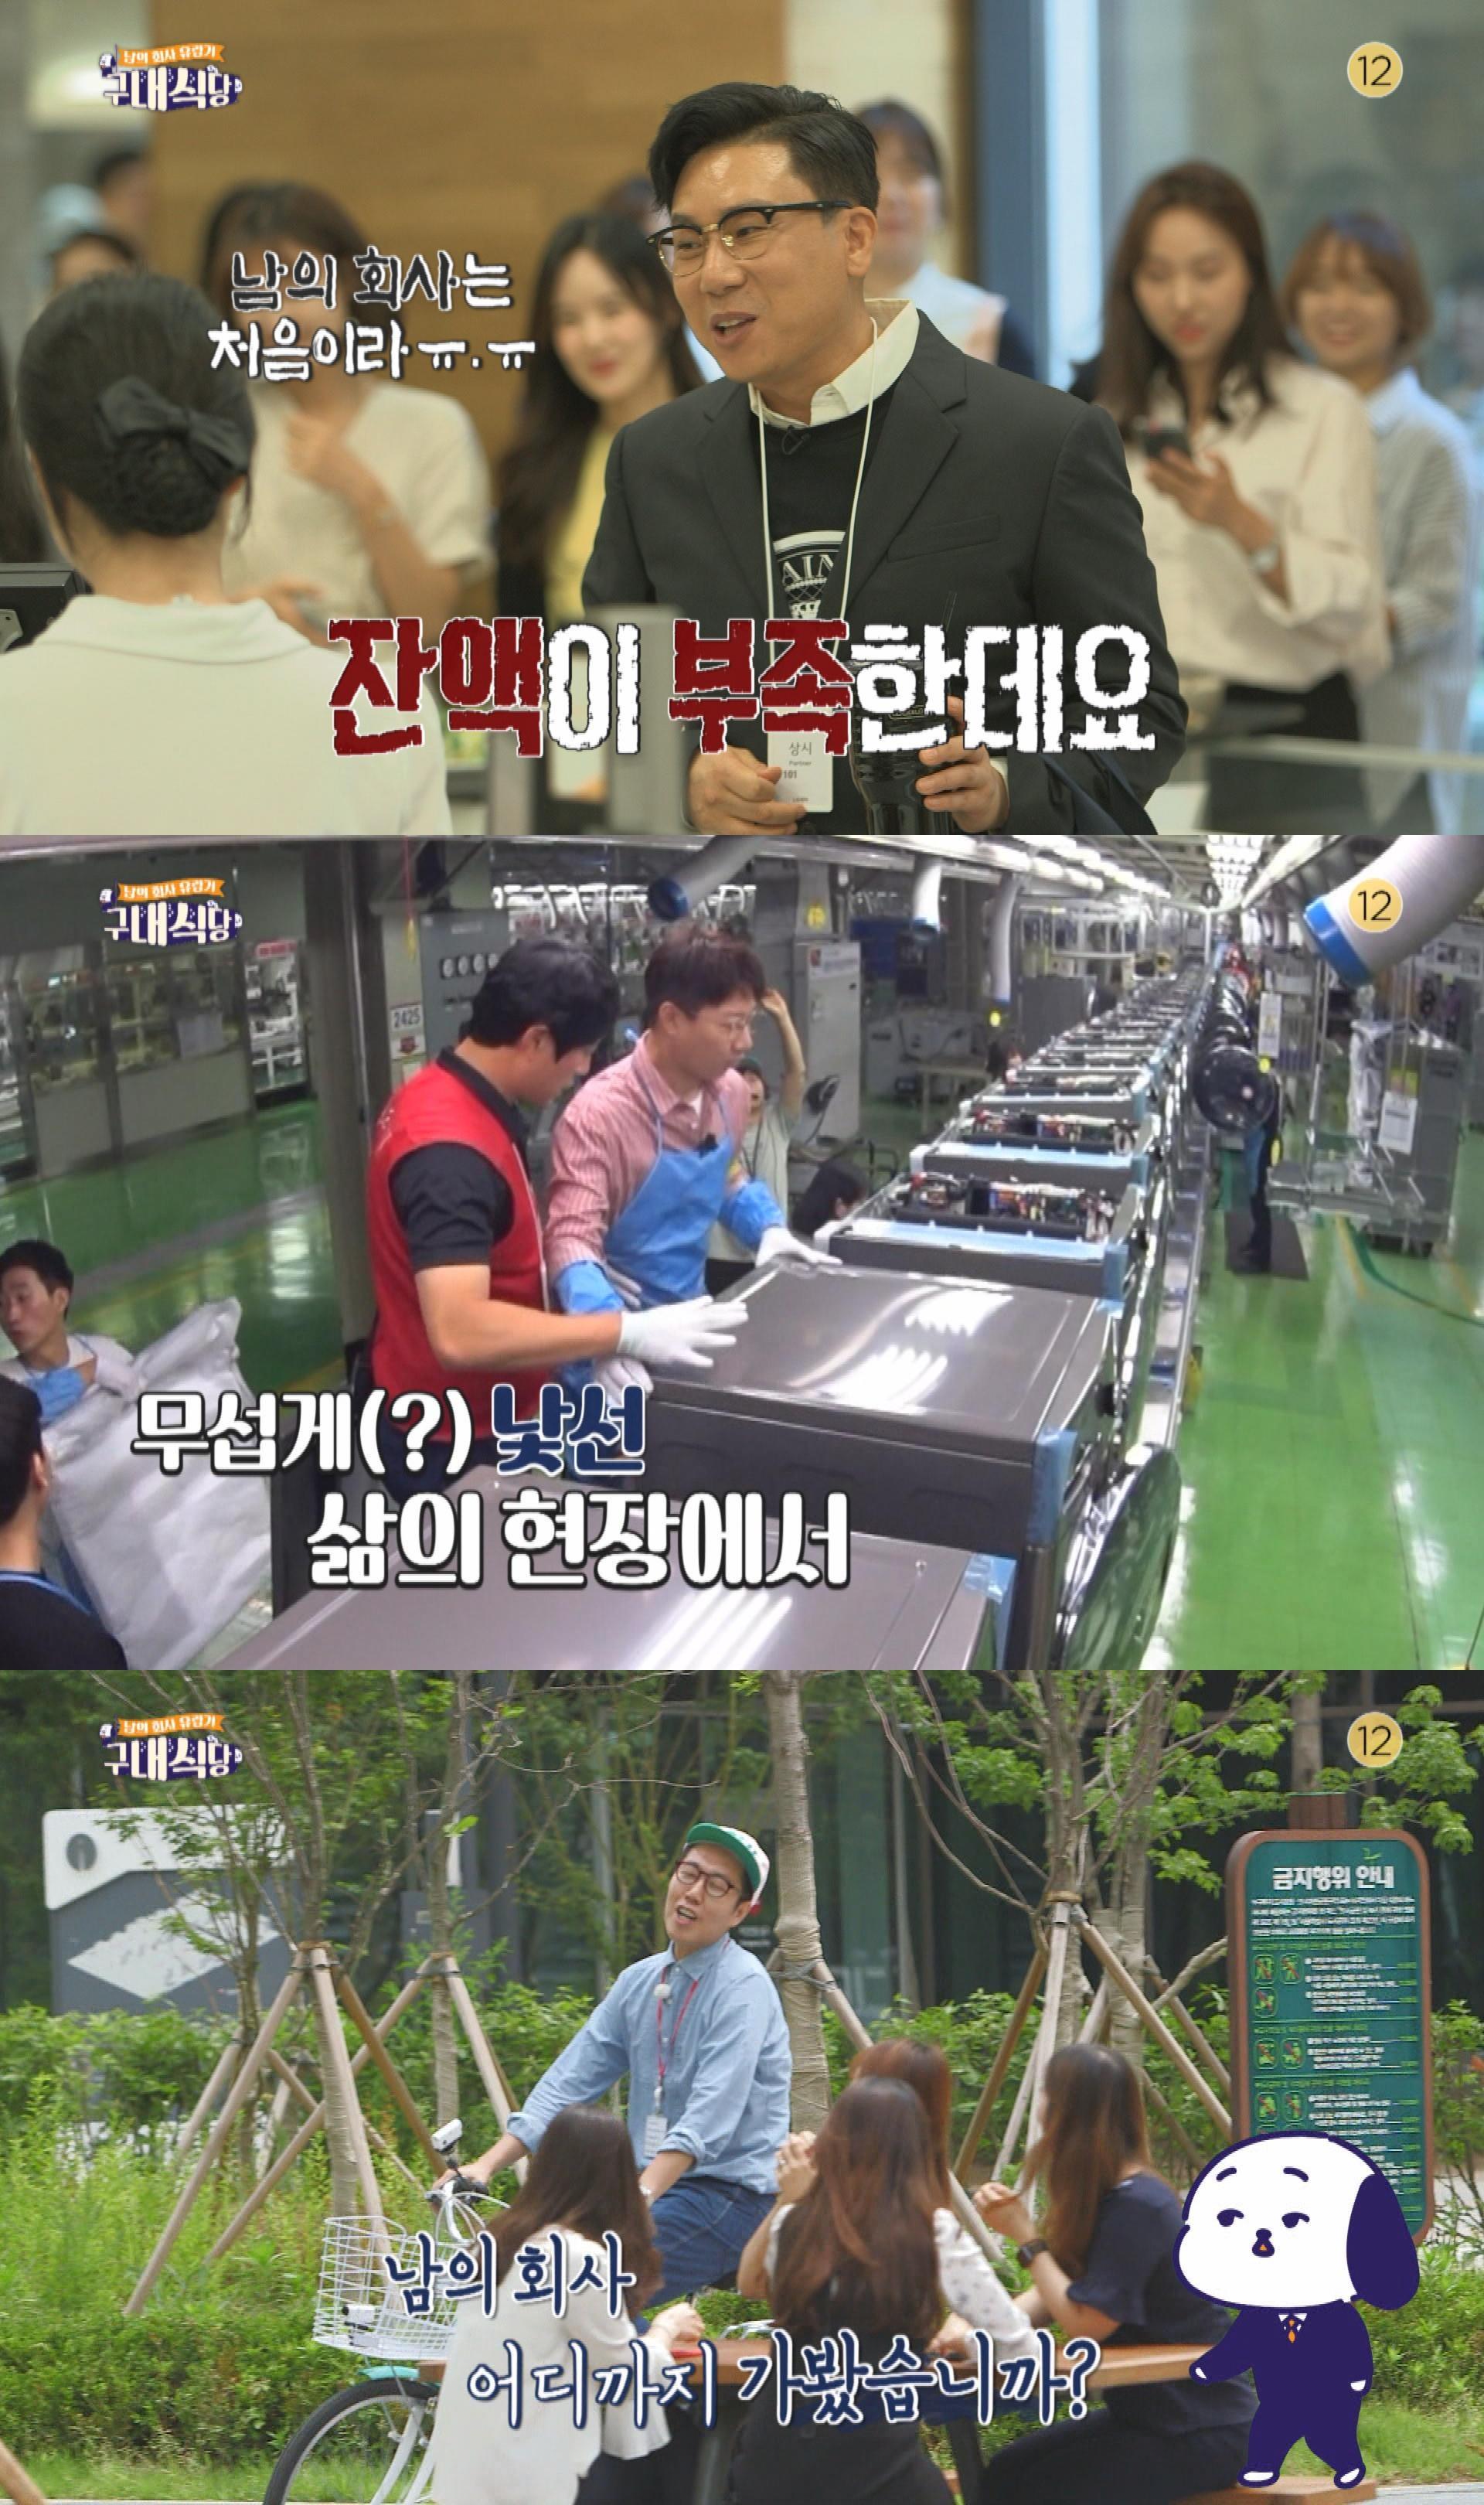 2차 티저 공개, 이상민-조우종-김영철 꿀잼 활약 예고